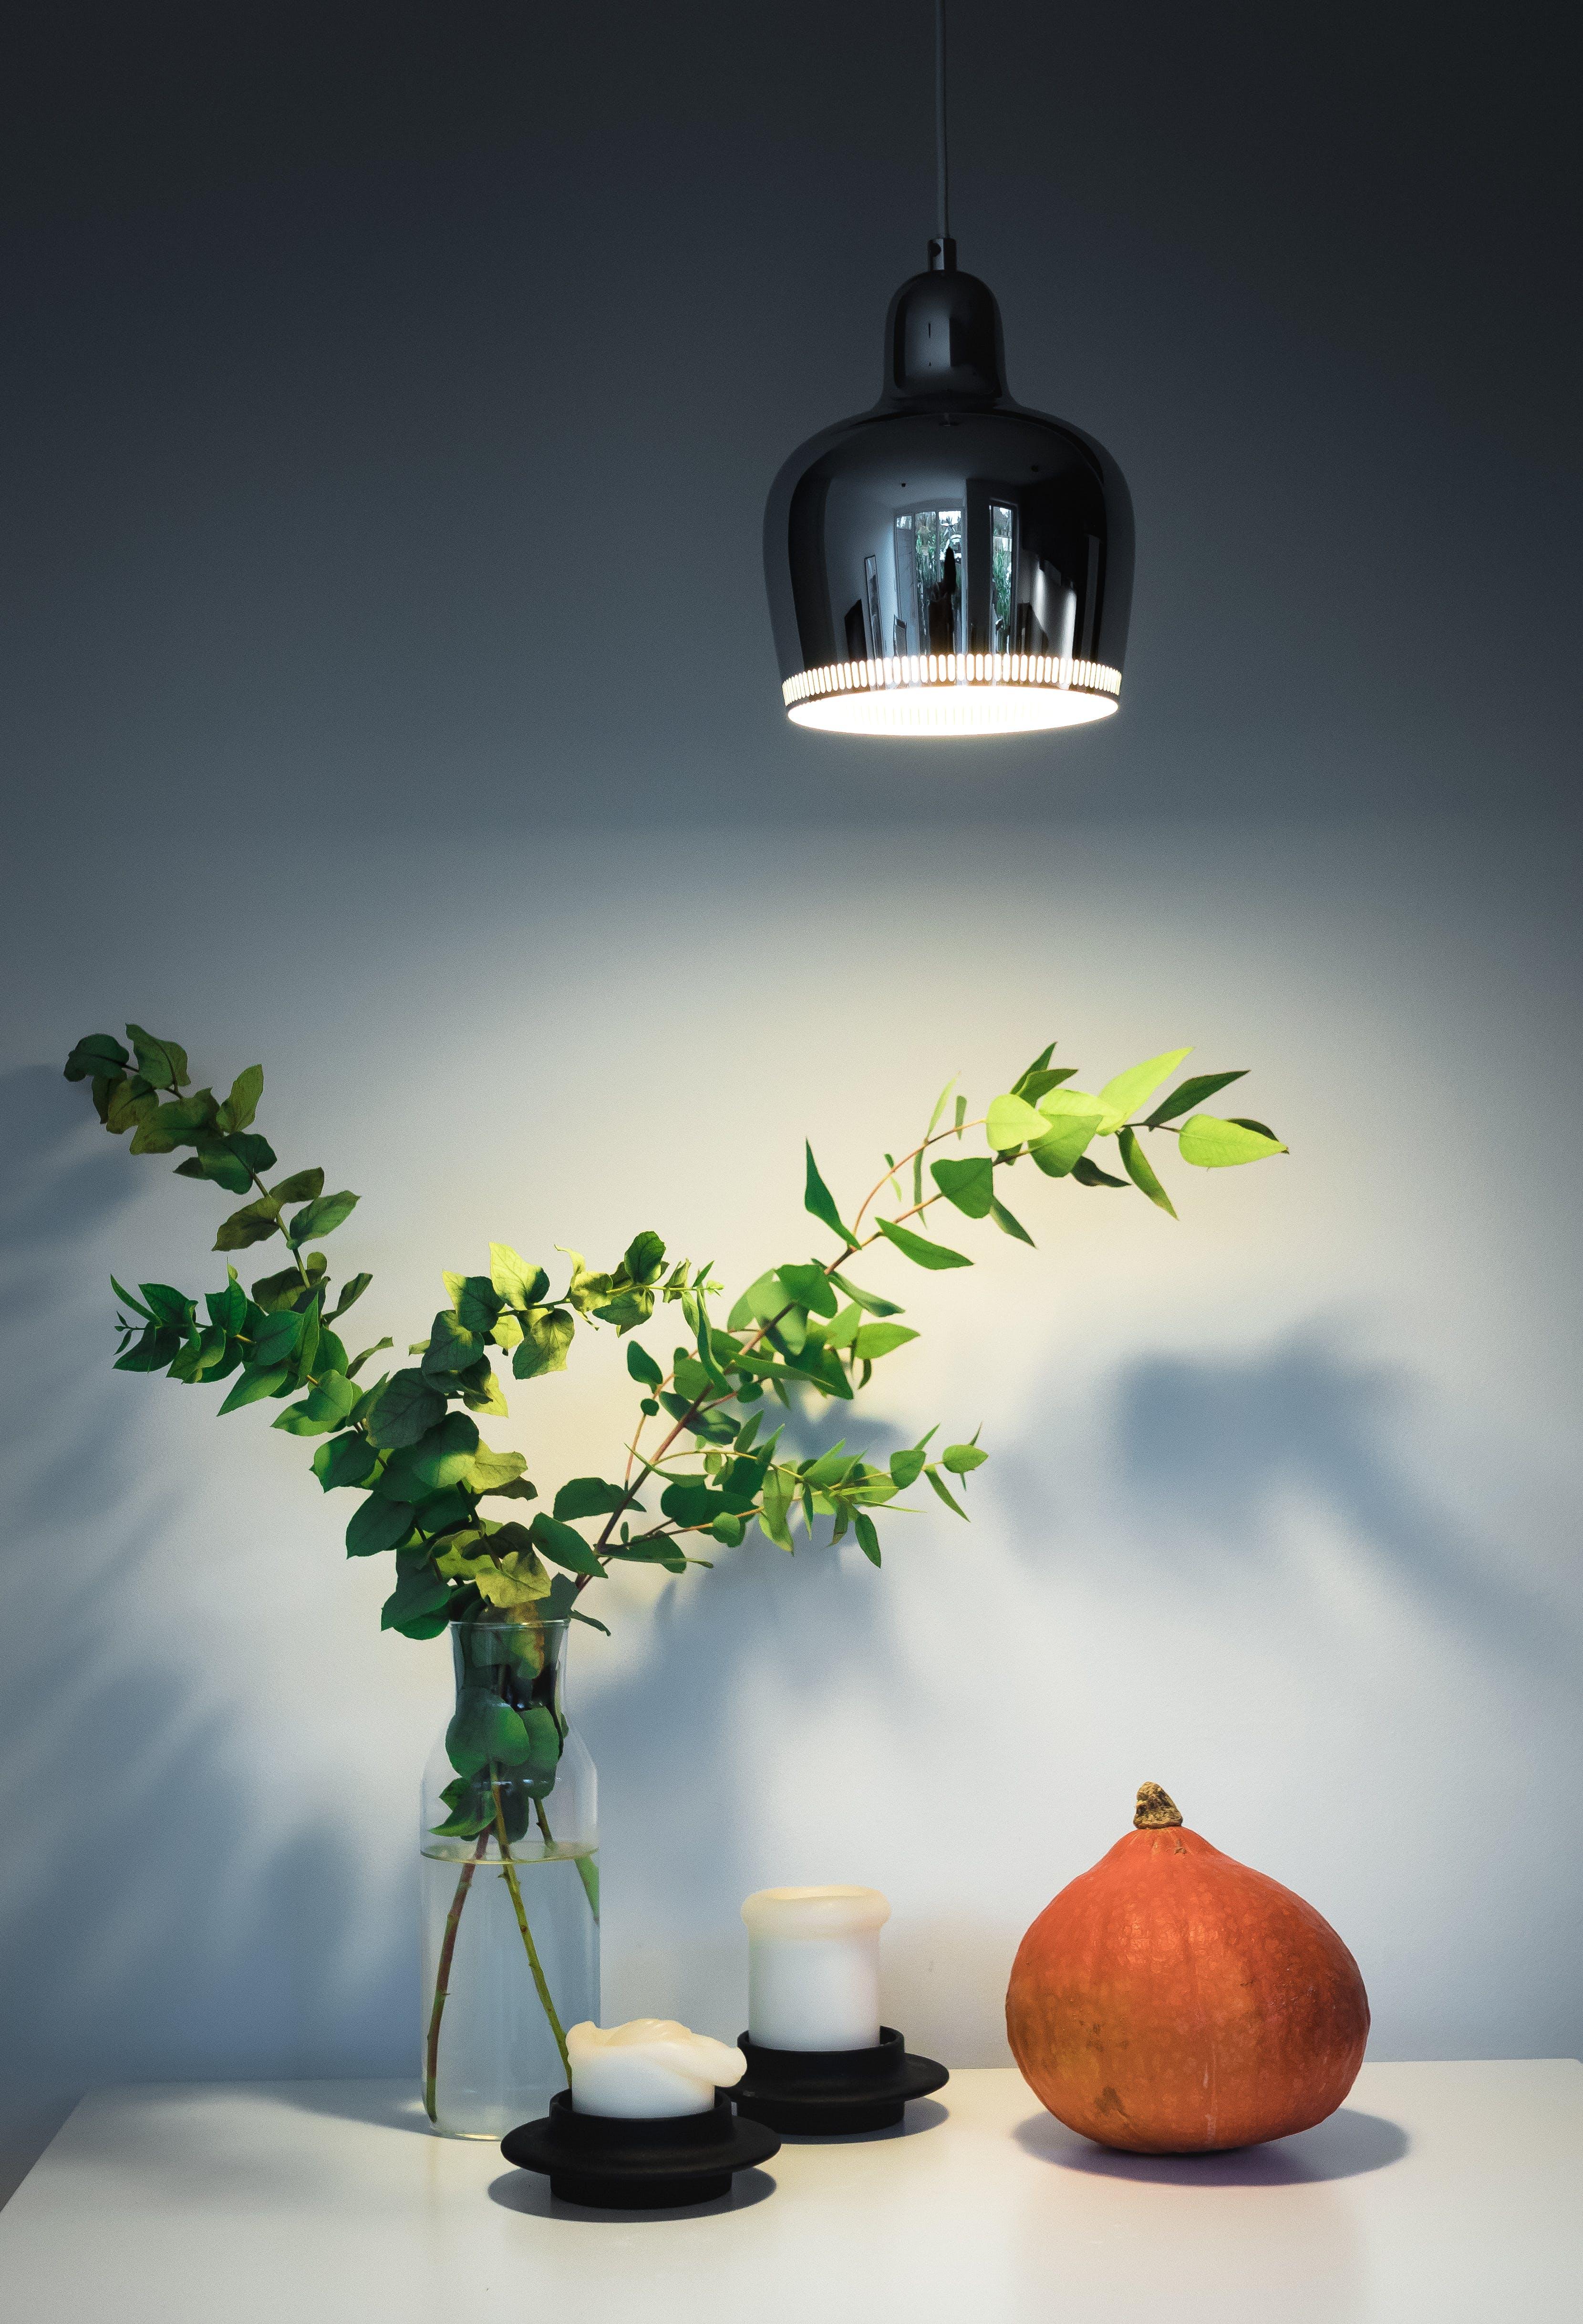 Kostenloses Stock Foto zu bunt, frisch, grün, hängen